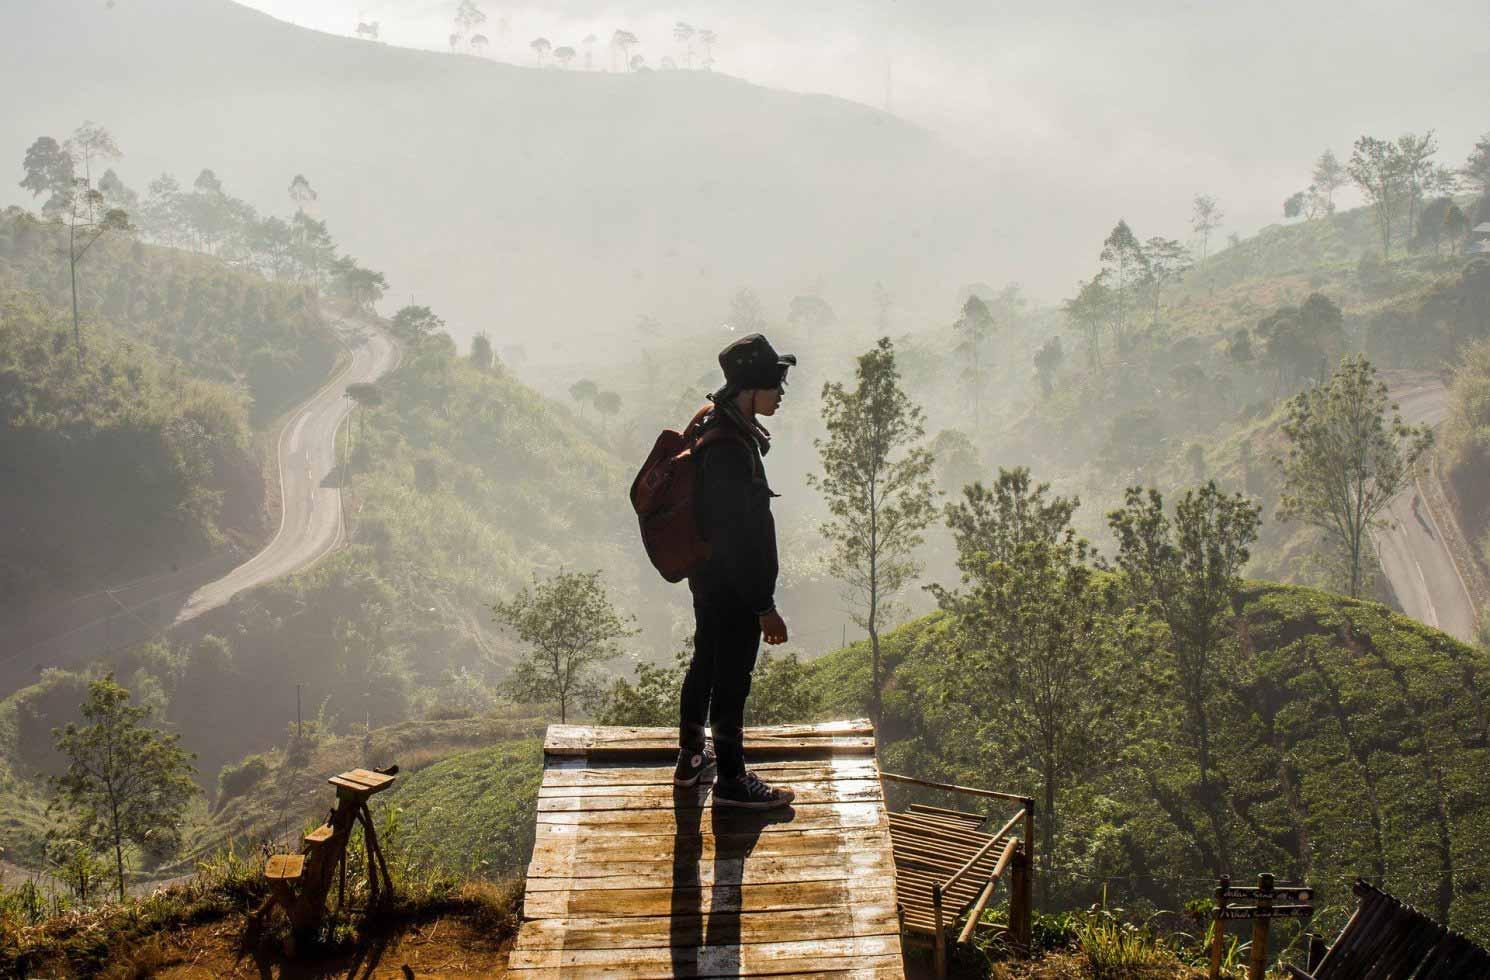 Praktikum auf Bali und in Indonesien